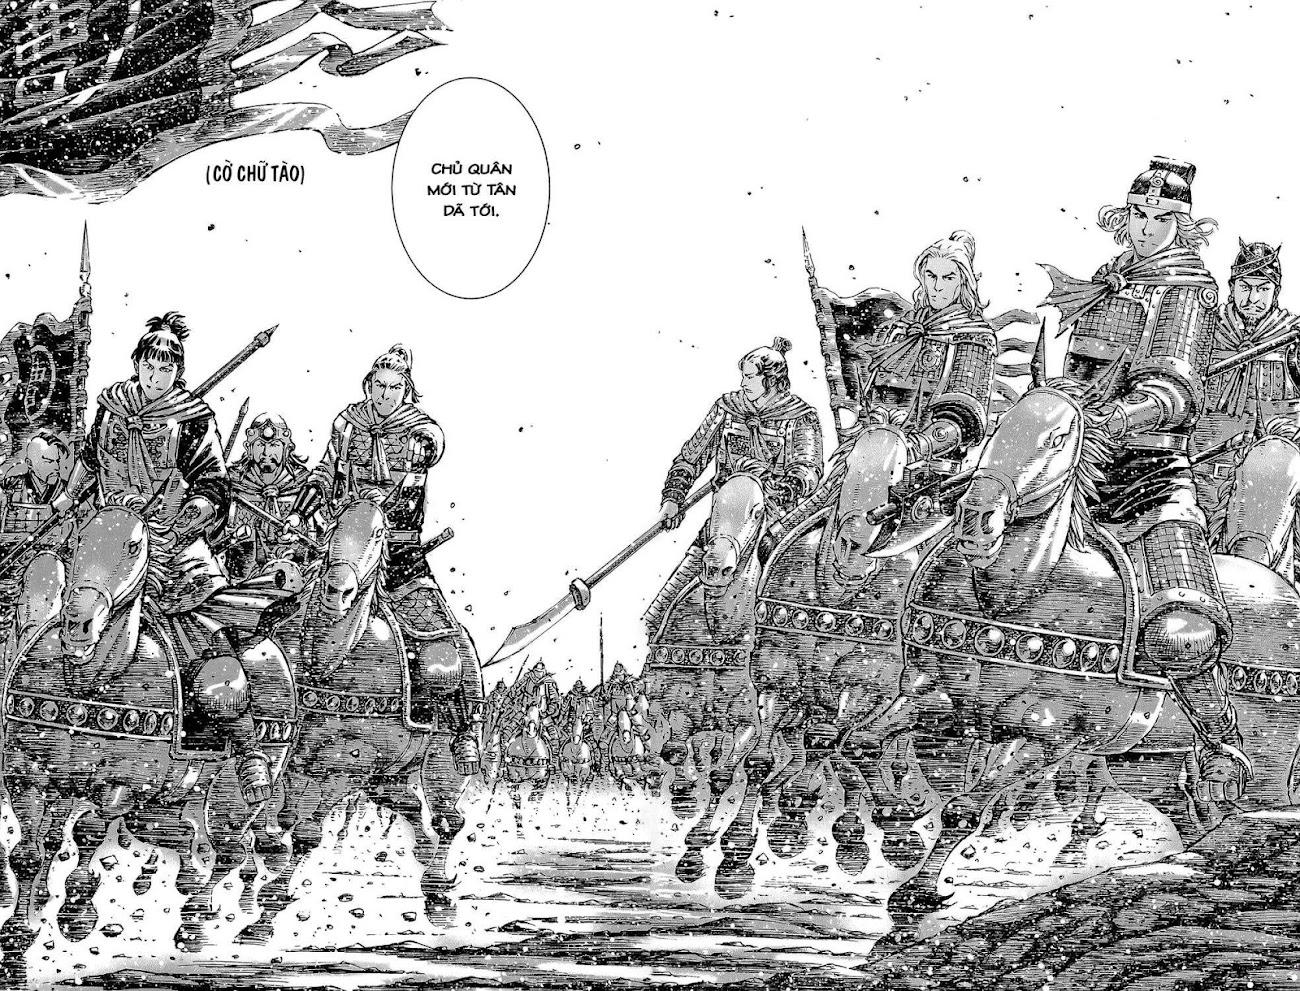 Hỏa phụng liêu nguyên Chương 388: Công tử khóc rồi [Remake] trang 18